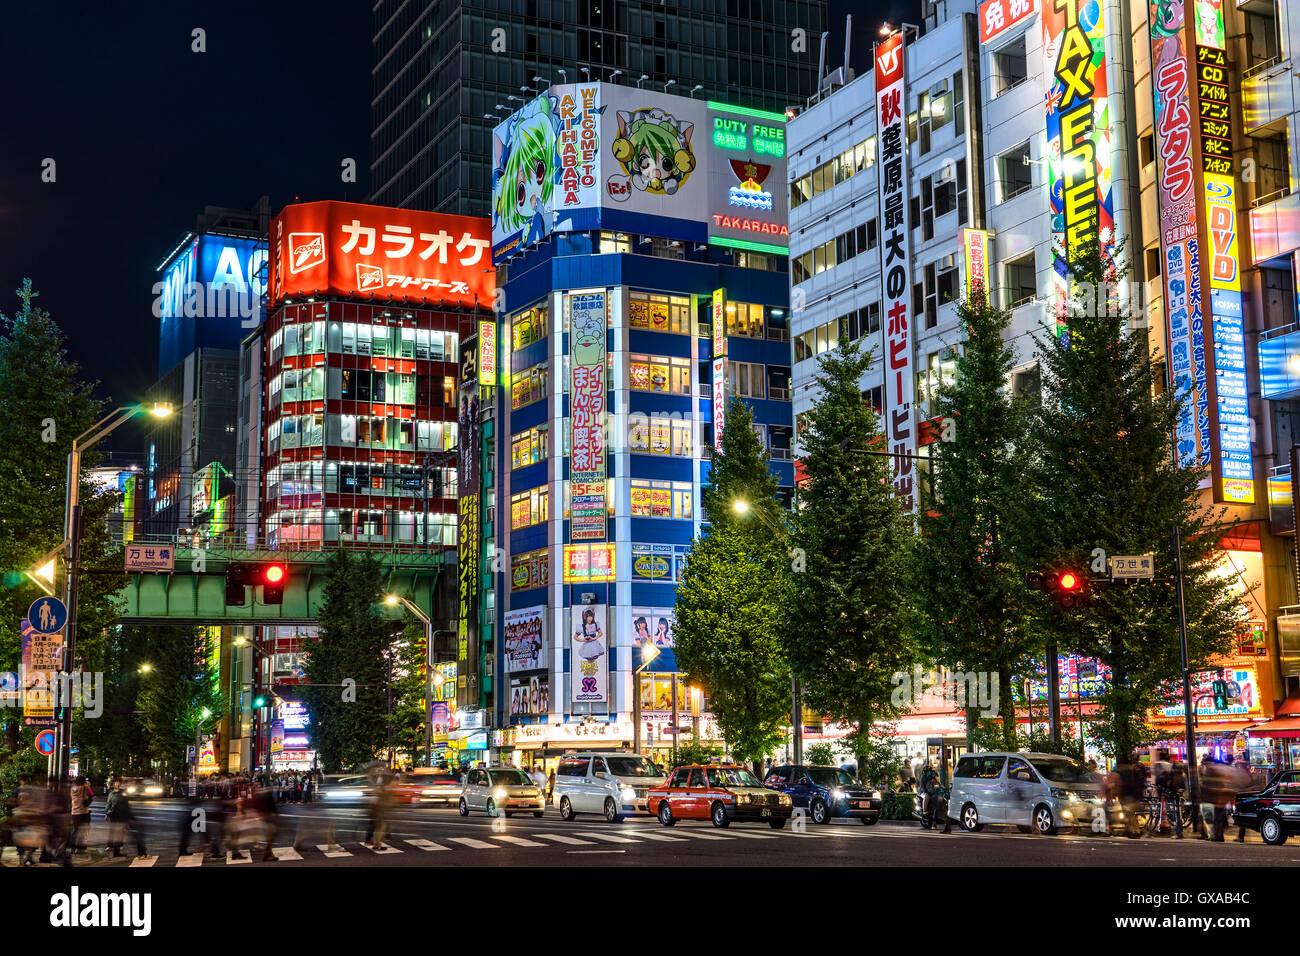 L'île de Honshu, Japon, Tokyo, Kanto, quartier Akihabara de nuit. Photo Stock